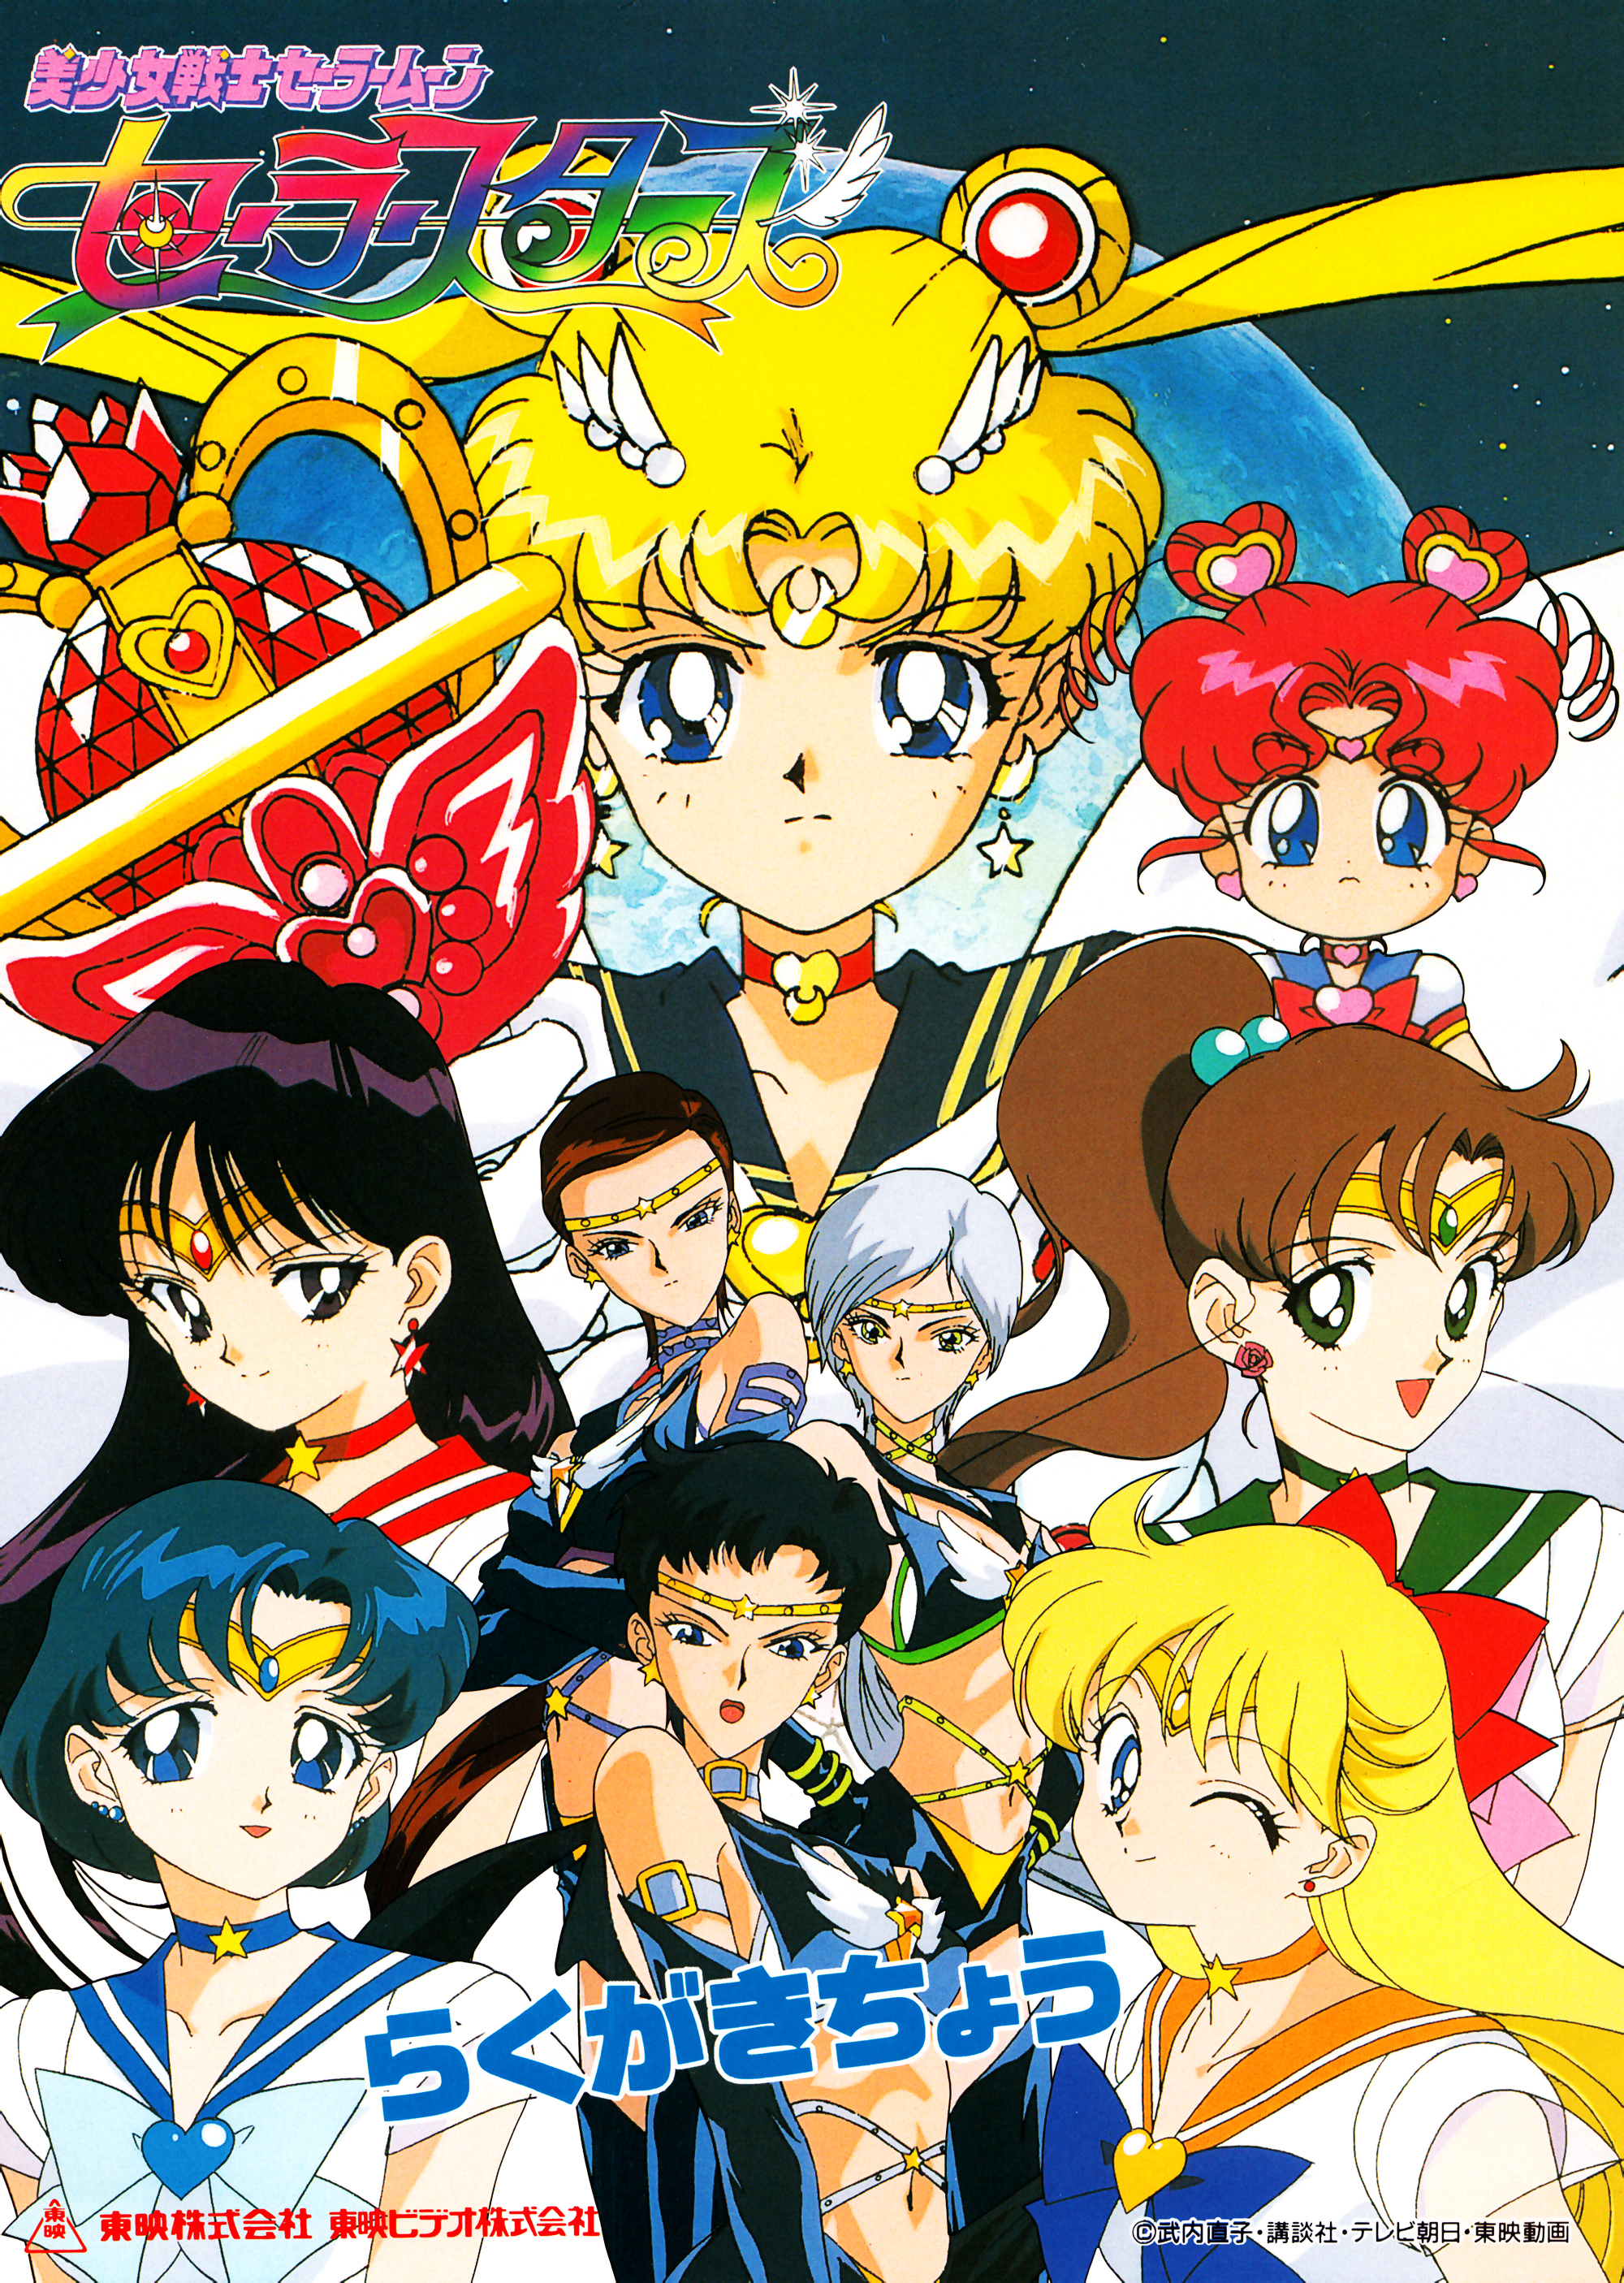 Sailor-moon-stars-notepad-toei-01